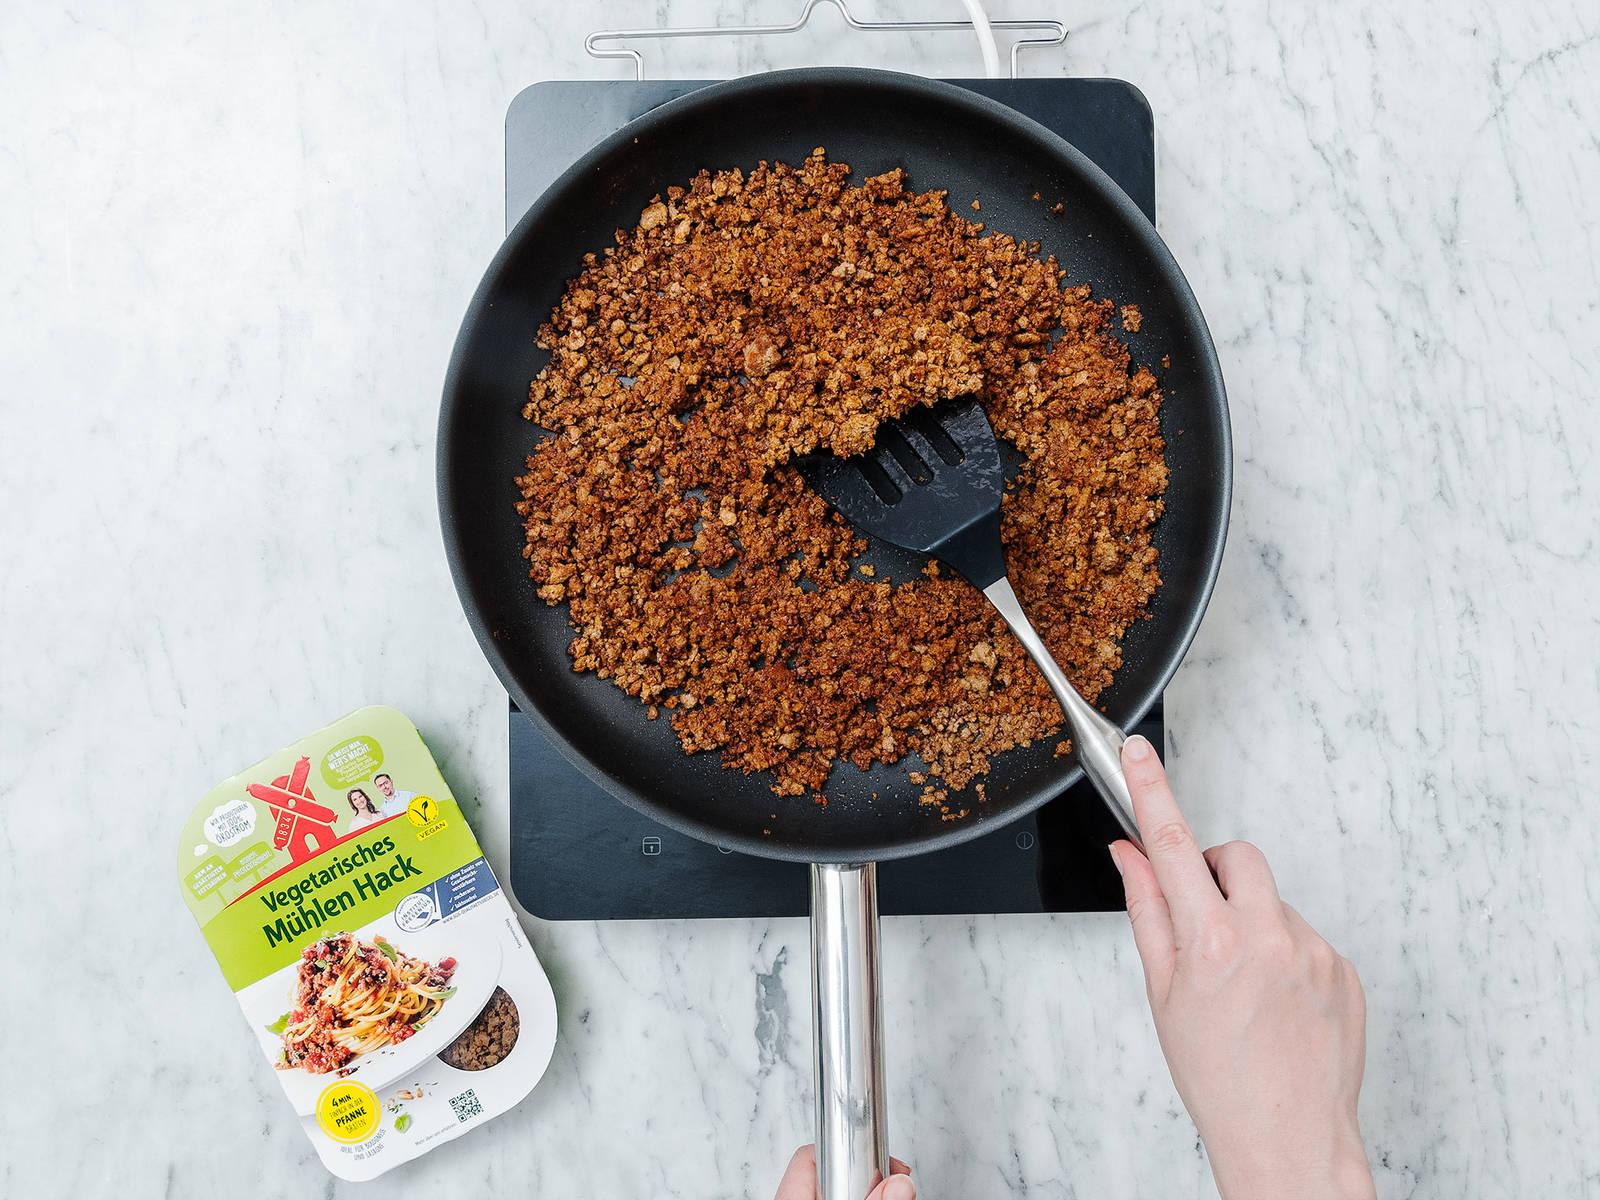 在大煎锅中热油。倒入素食肉末,翻炒4分钟。加入酱油、红辣椒和烟熏辣椒,搅拌混合。撒盐与胡椒调味。